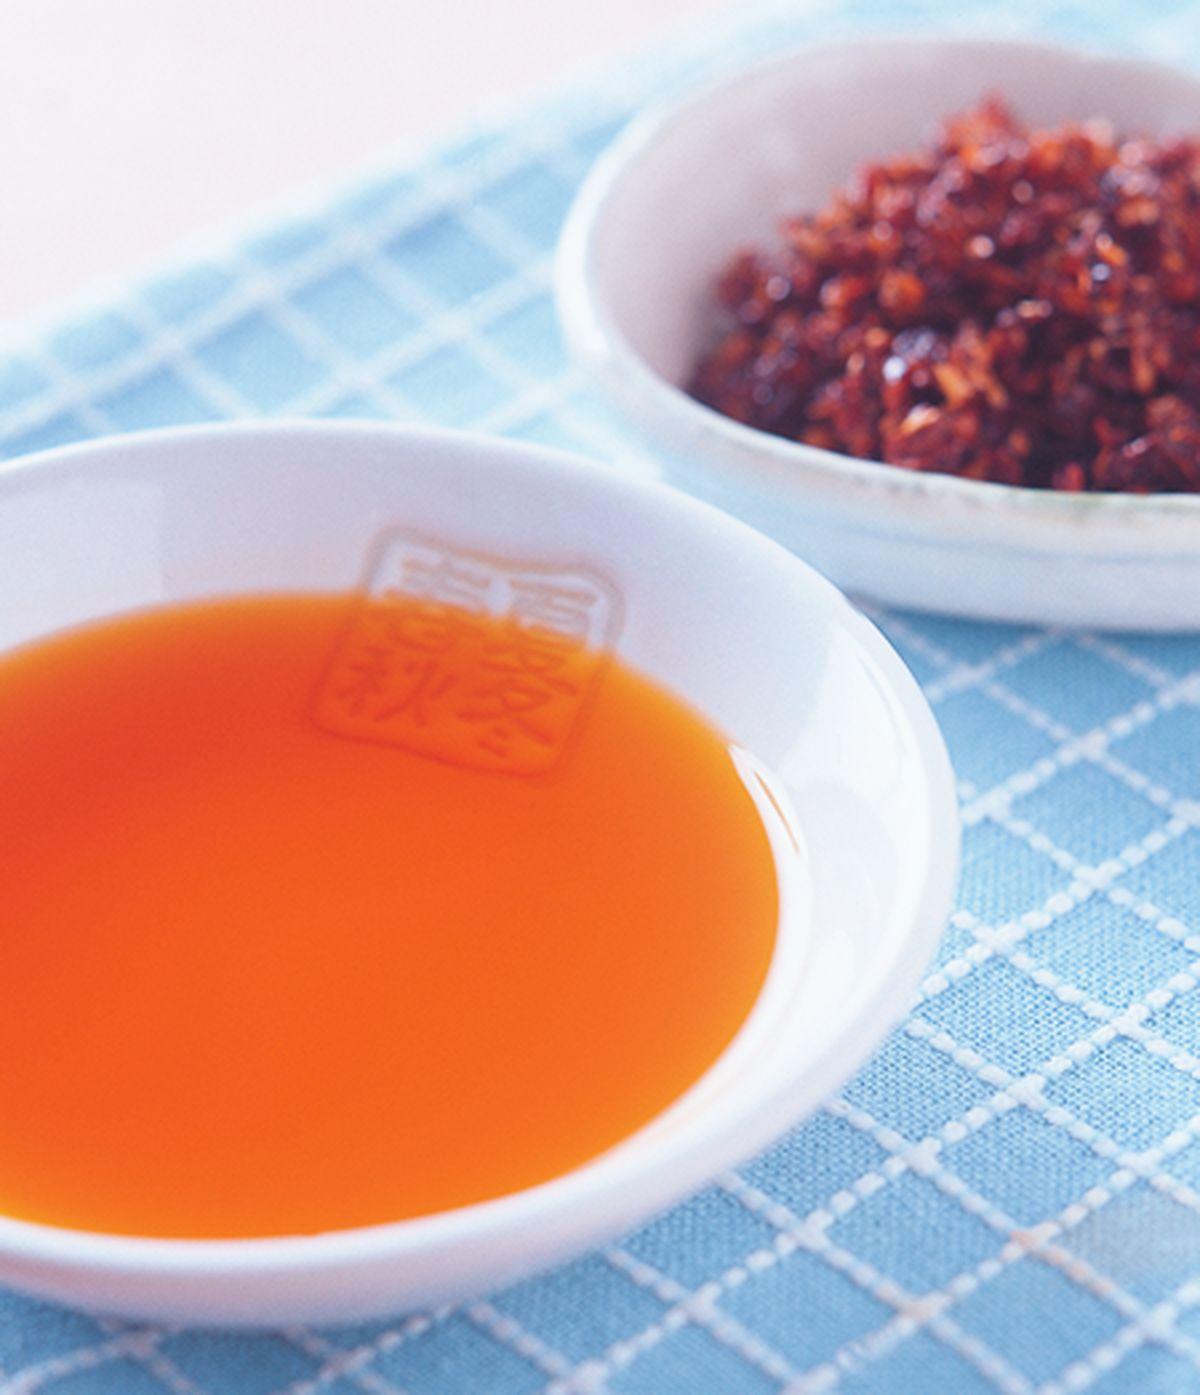 食譜:辣椒油及辣椒渣